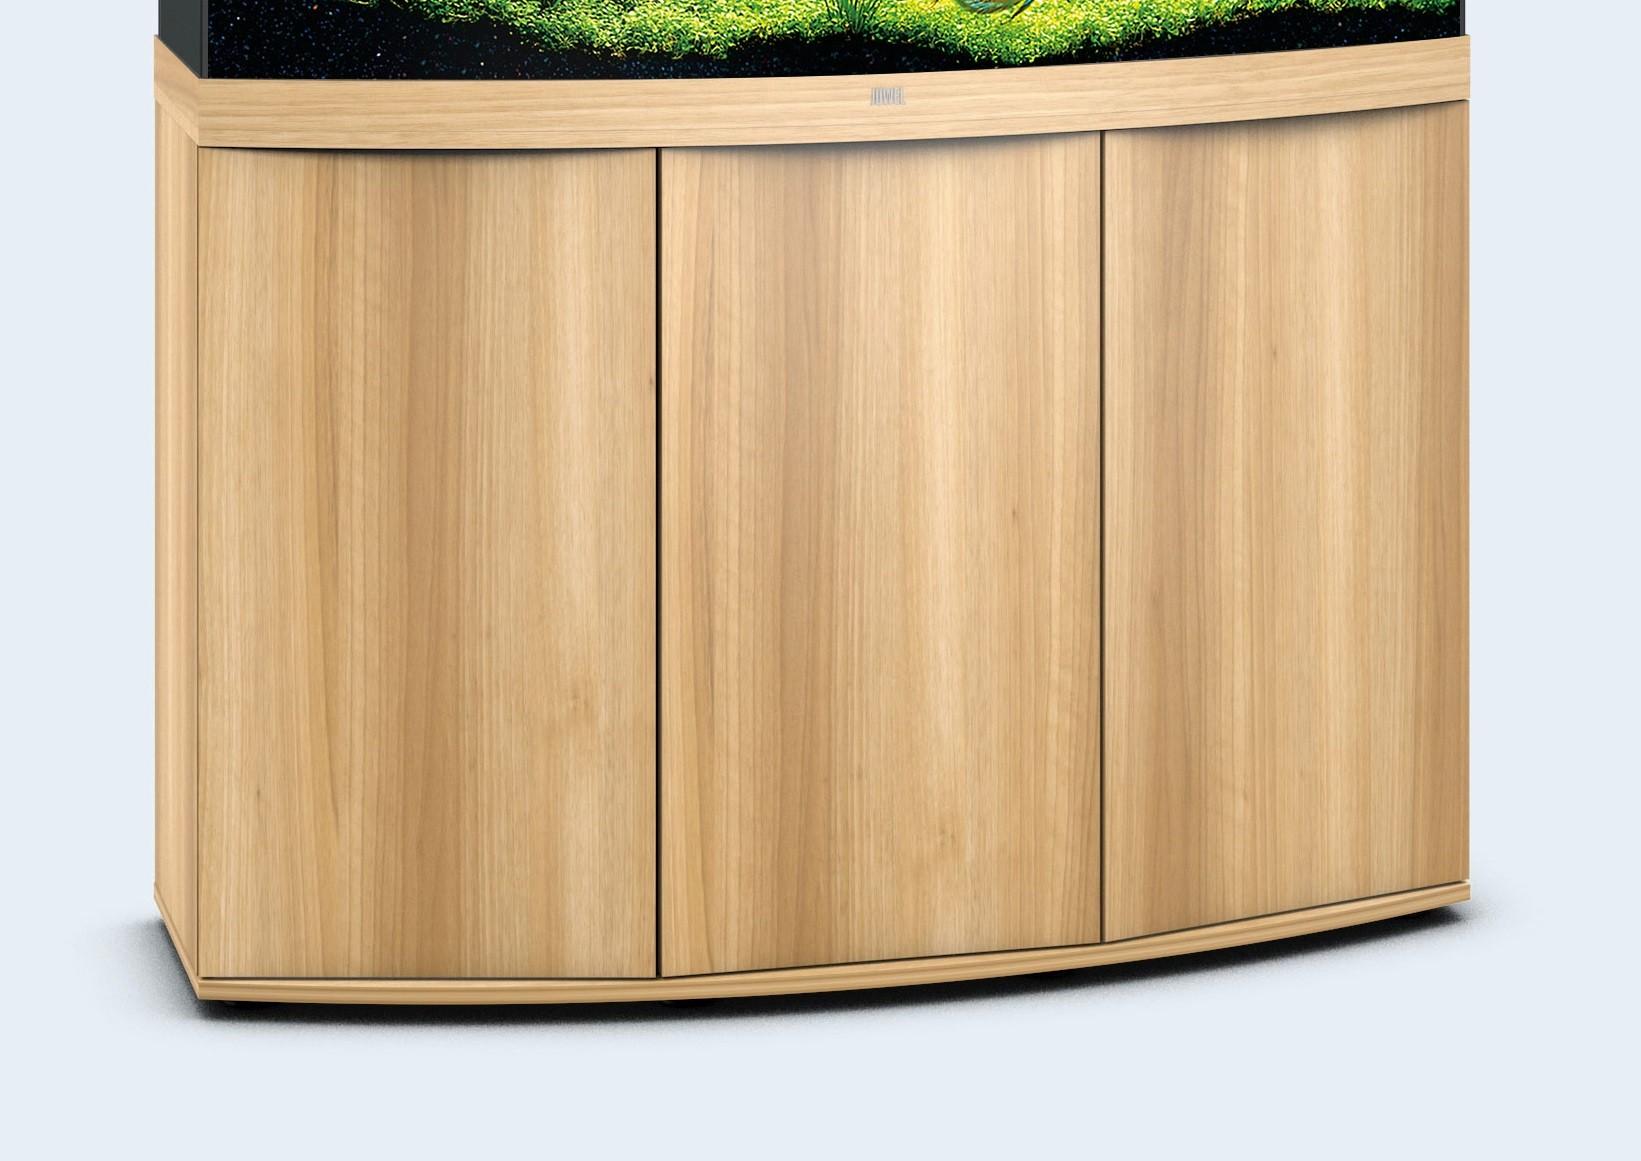 Lyst træ Akvarie underskab til 260 liter Vision model